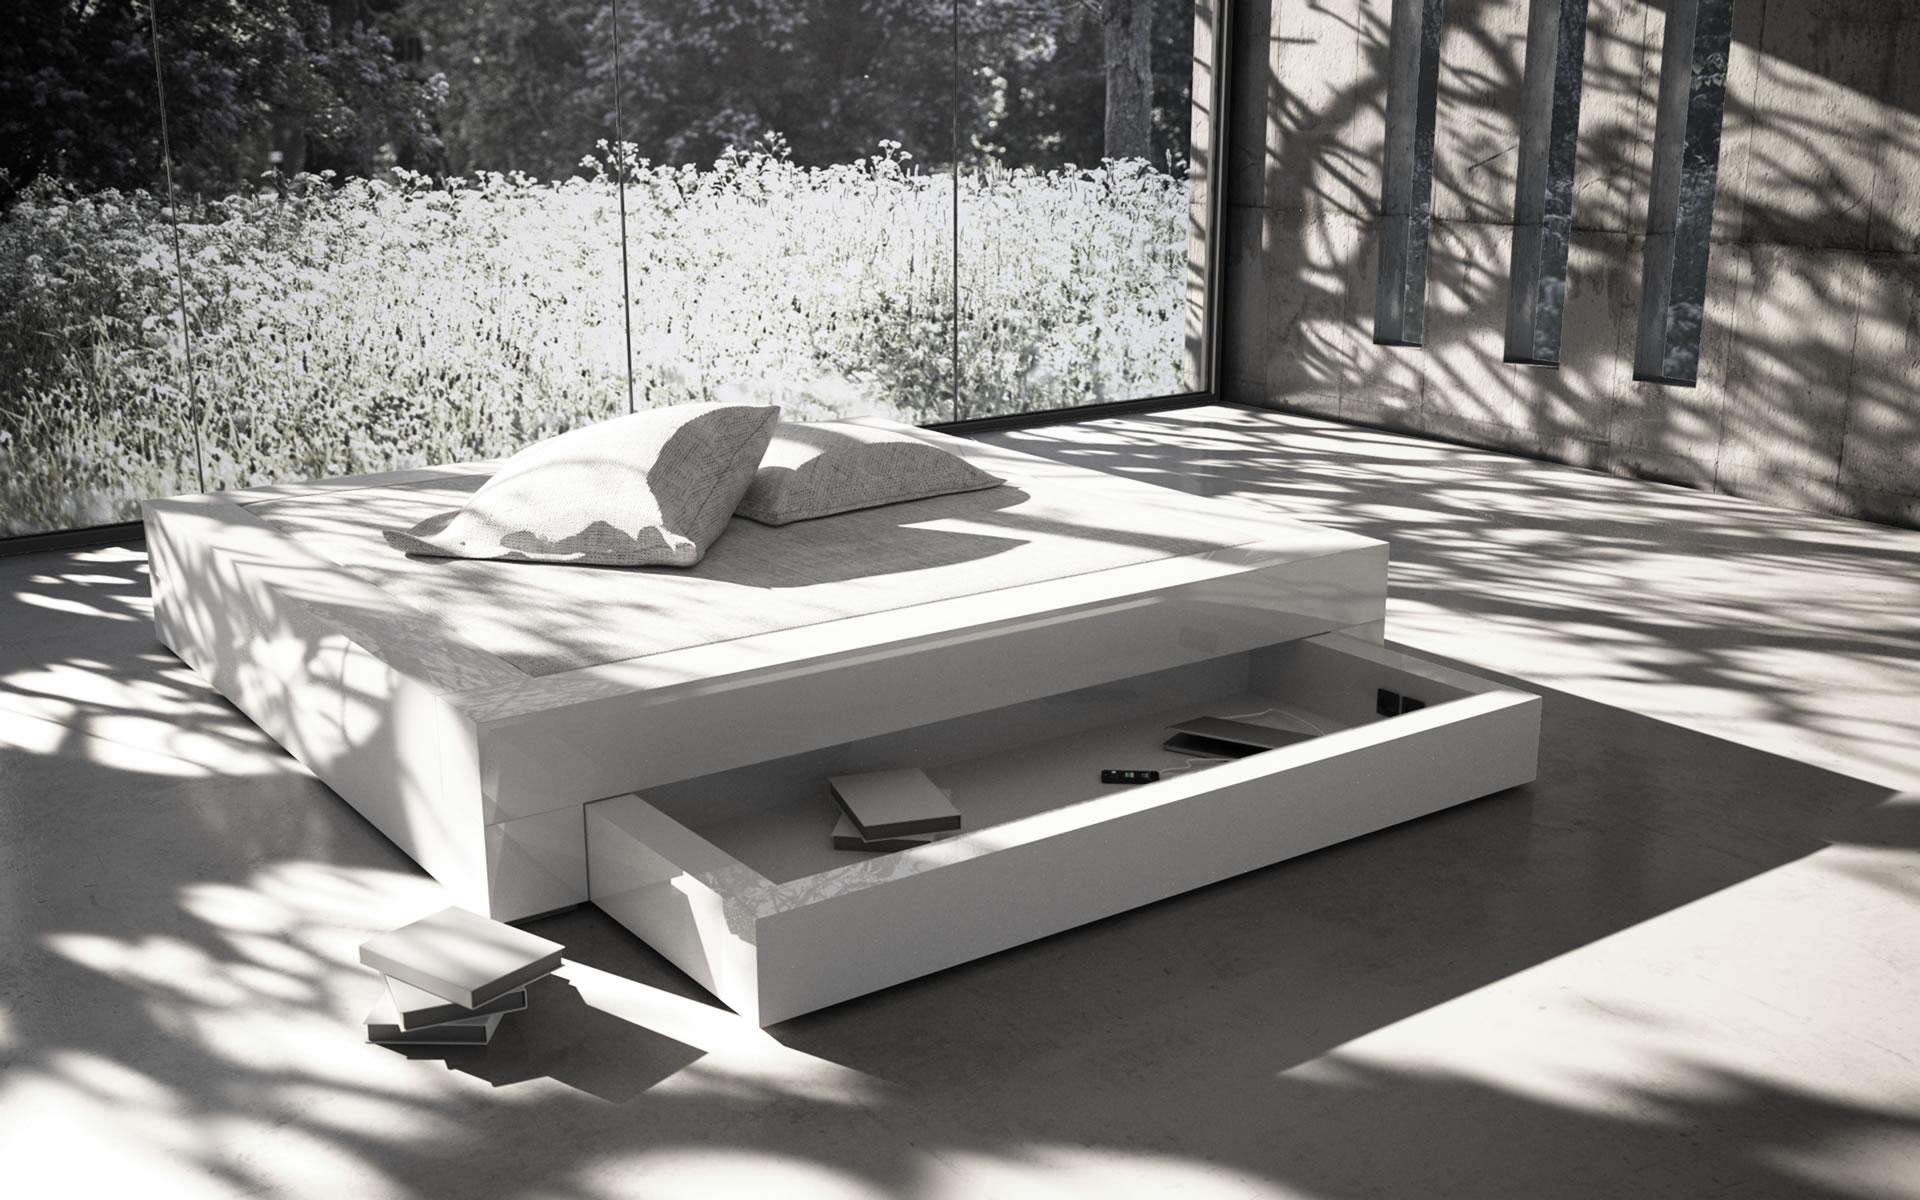 Full Size of Bett Modern Design Italienisches Puristisch Nussbaum 180x200 200x200 Weiß Dänisches Bettenlager Badezimmer Weisses Küche Industriedesign Keilkissen 140x200 Bett Bett Modern Design